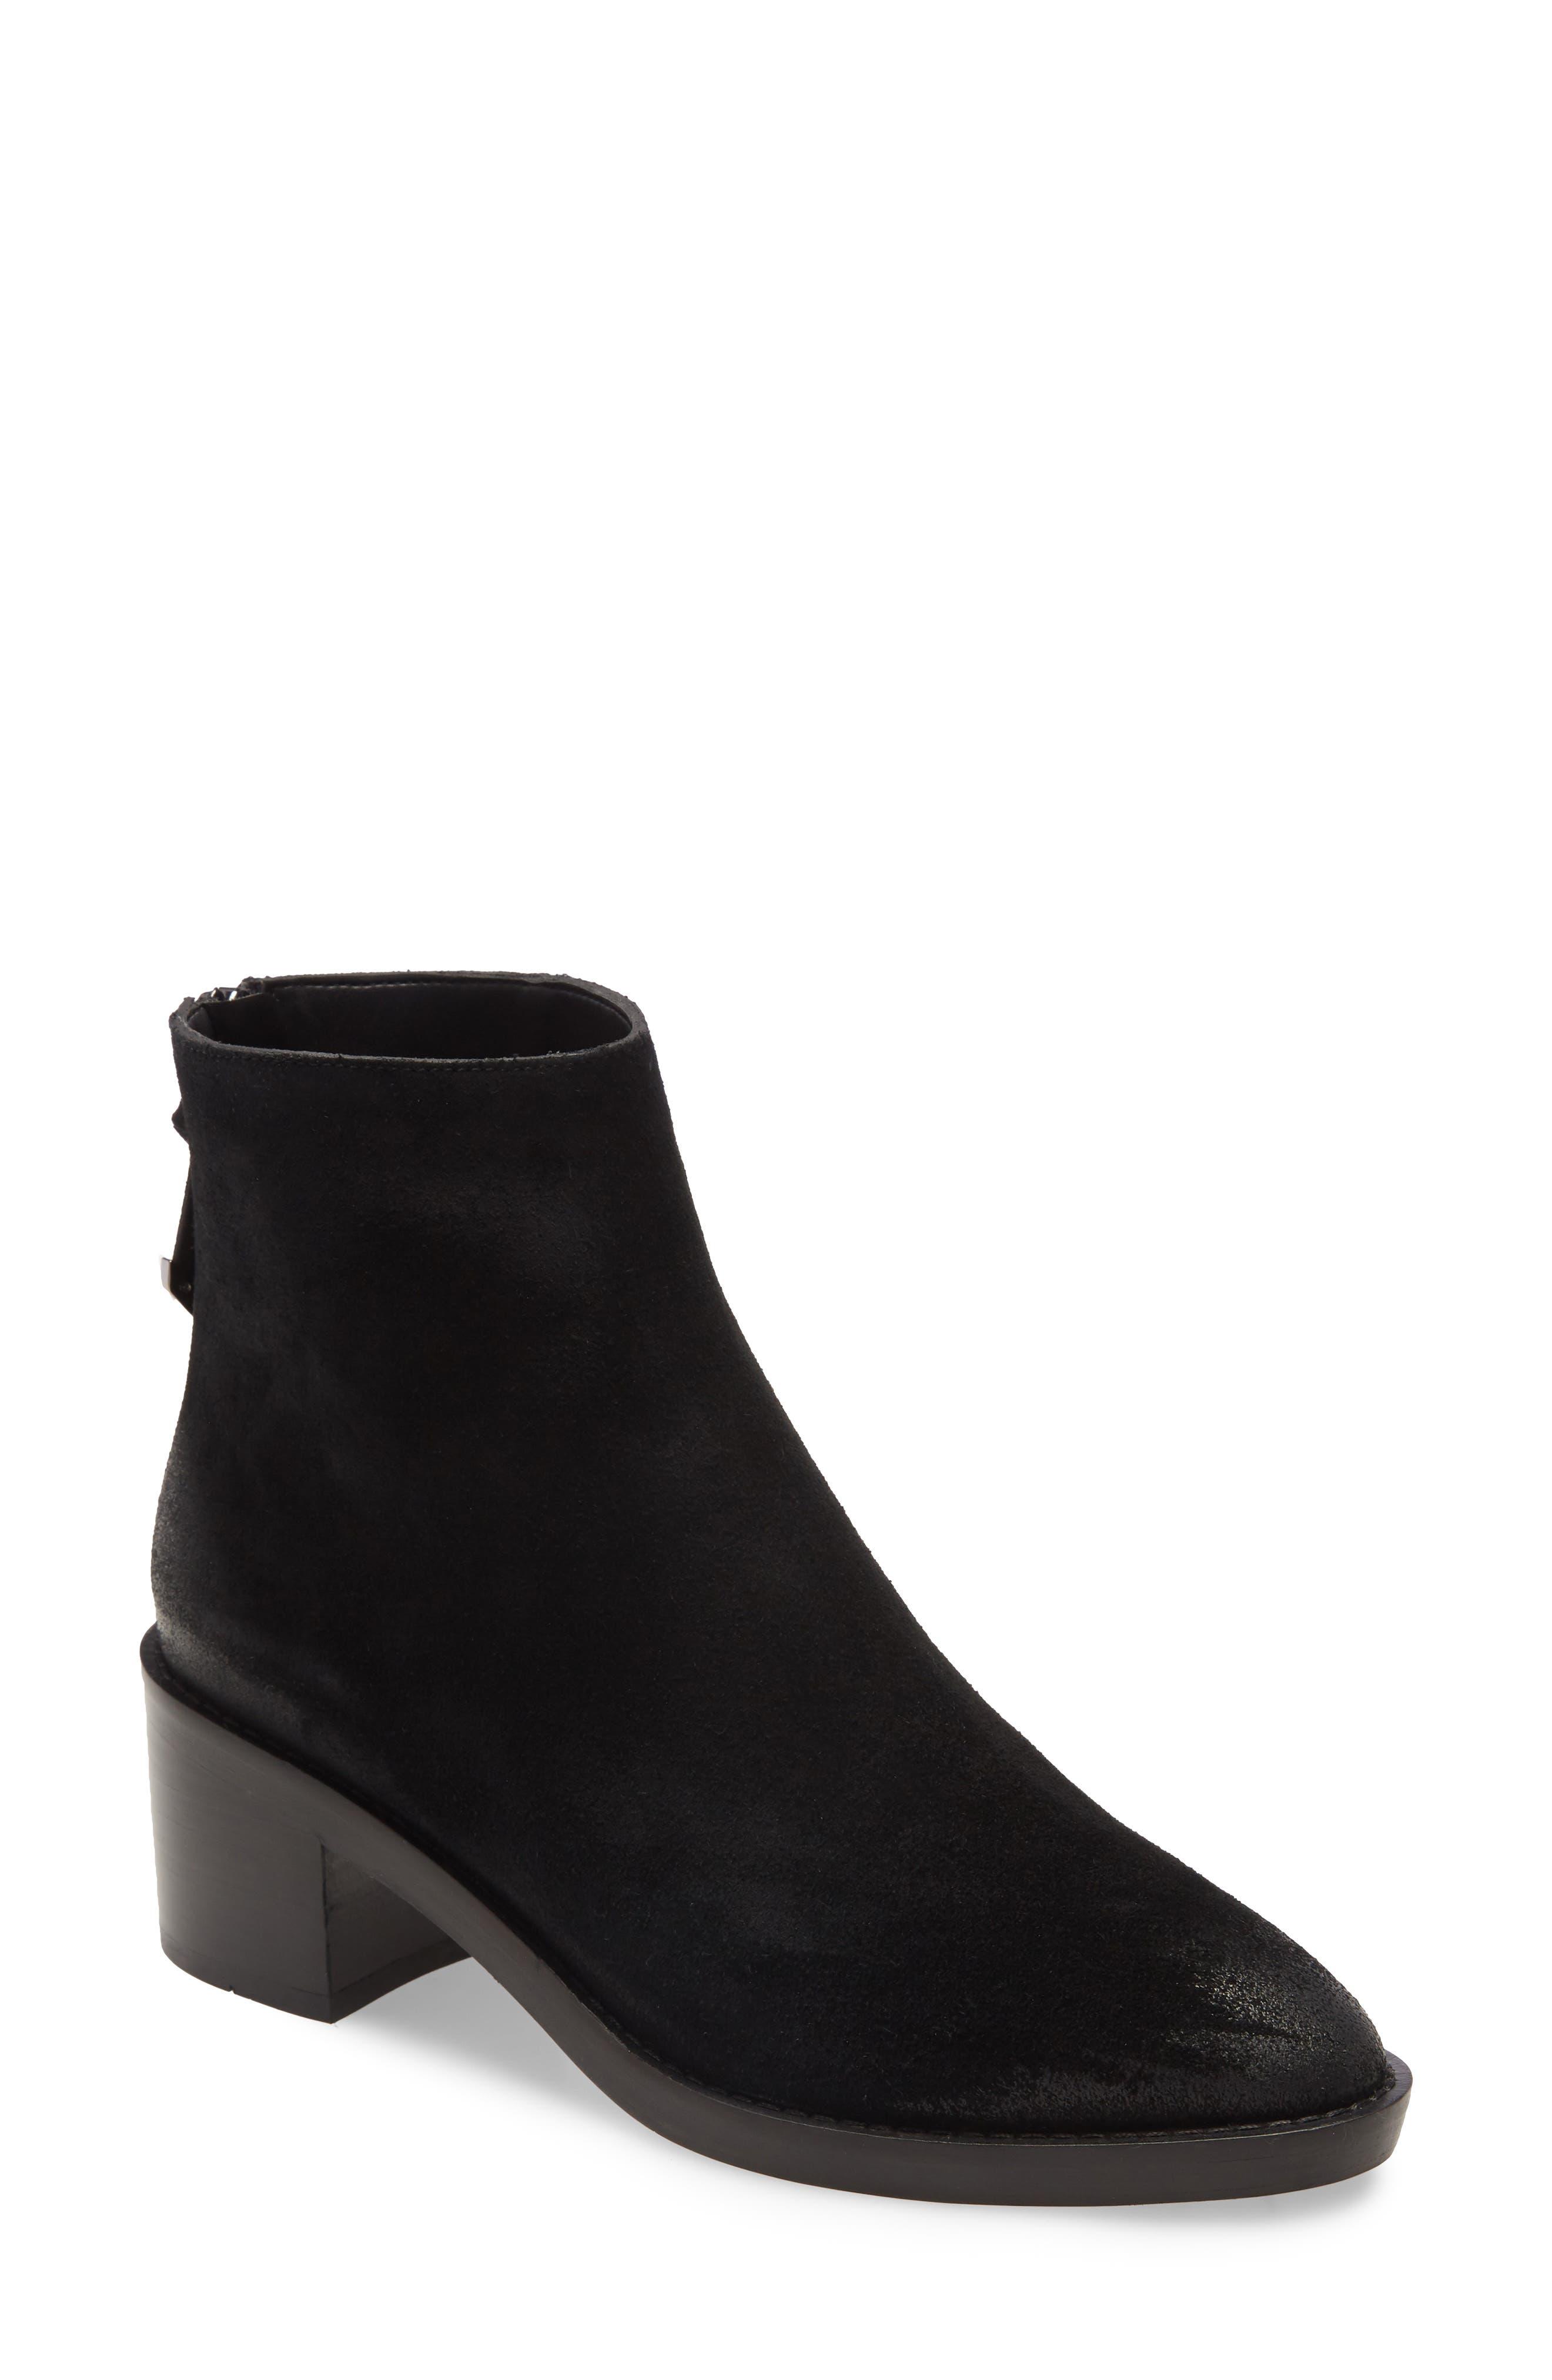 Women's Cole Haan Boots   Nordstrom